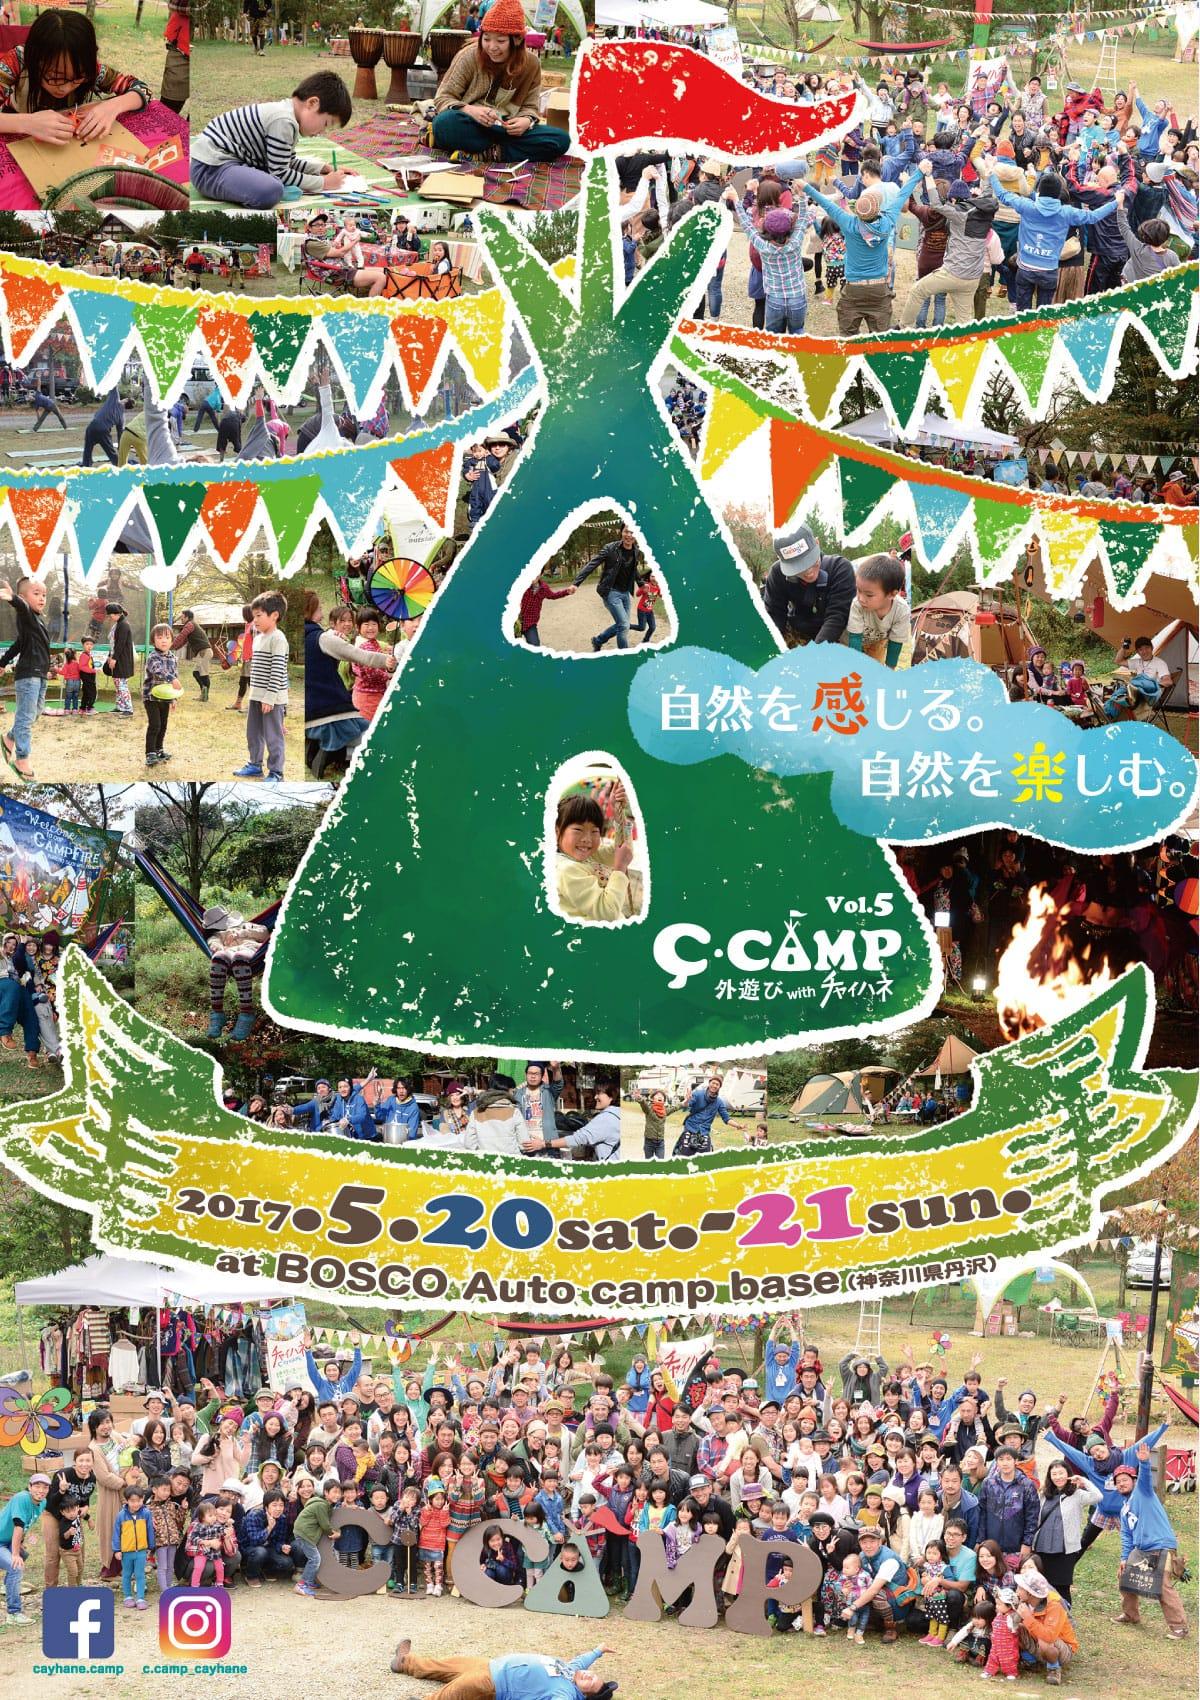 チャイハネ エスニック キャンプ 外遊び ワークショップ C-CAMP チーキャンプ 丹沢BOSCO